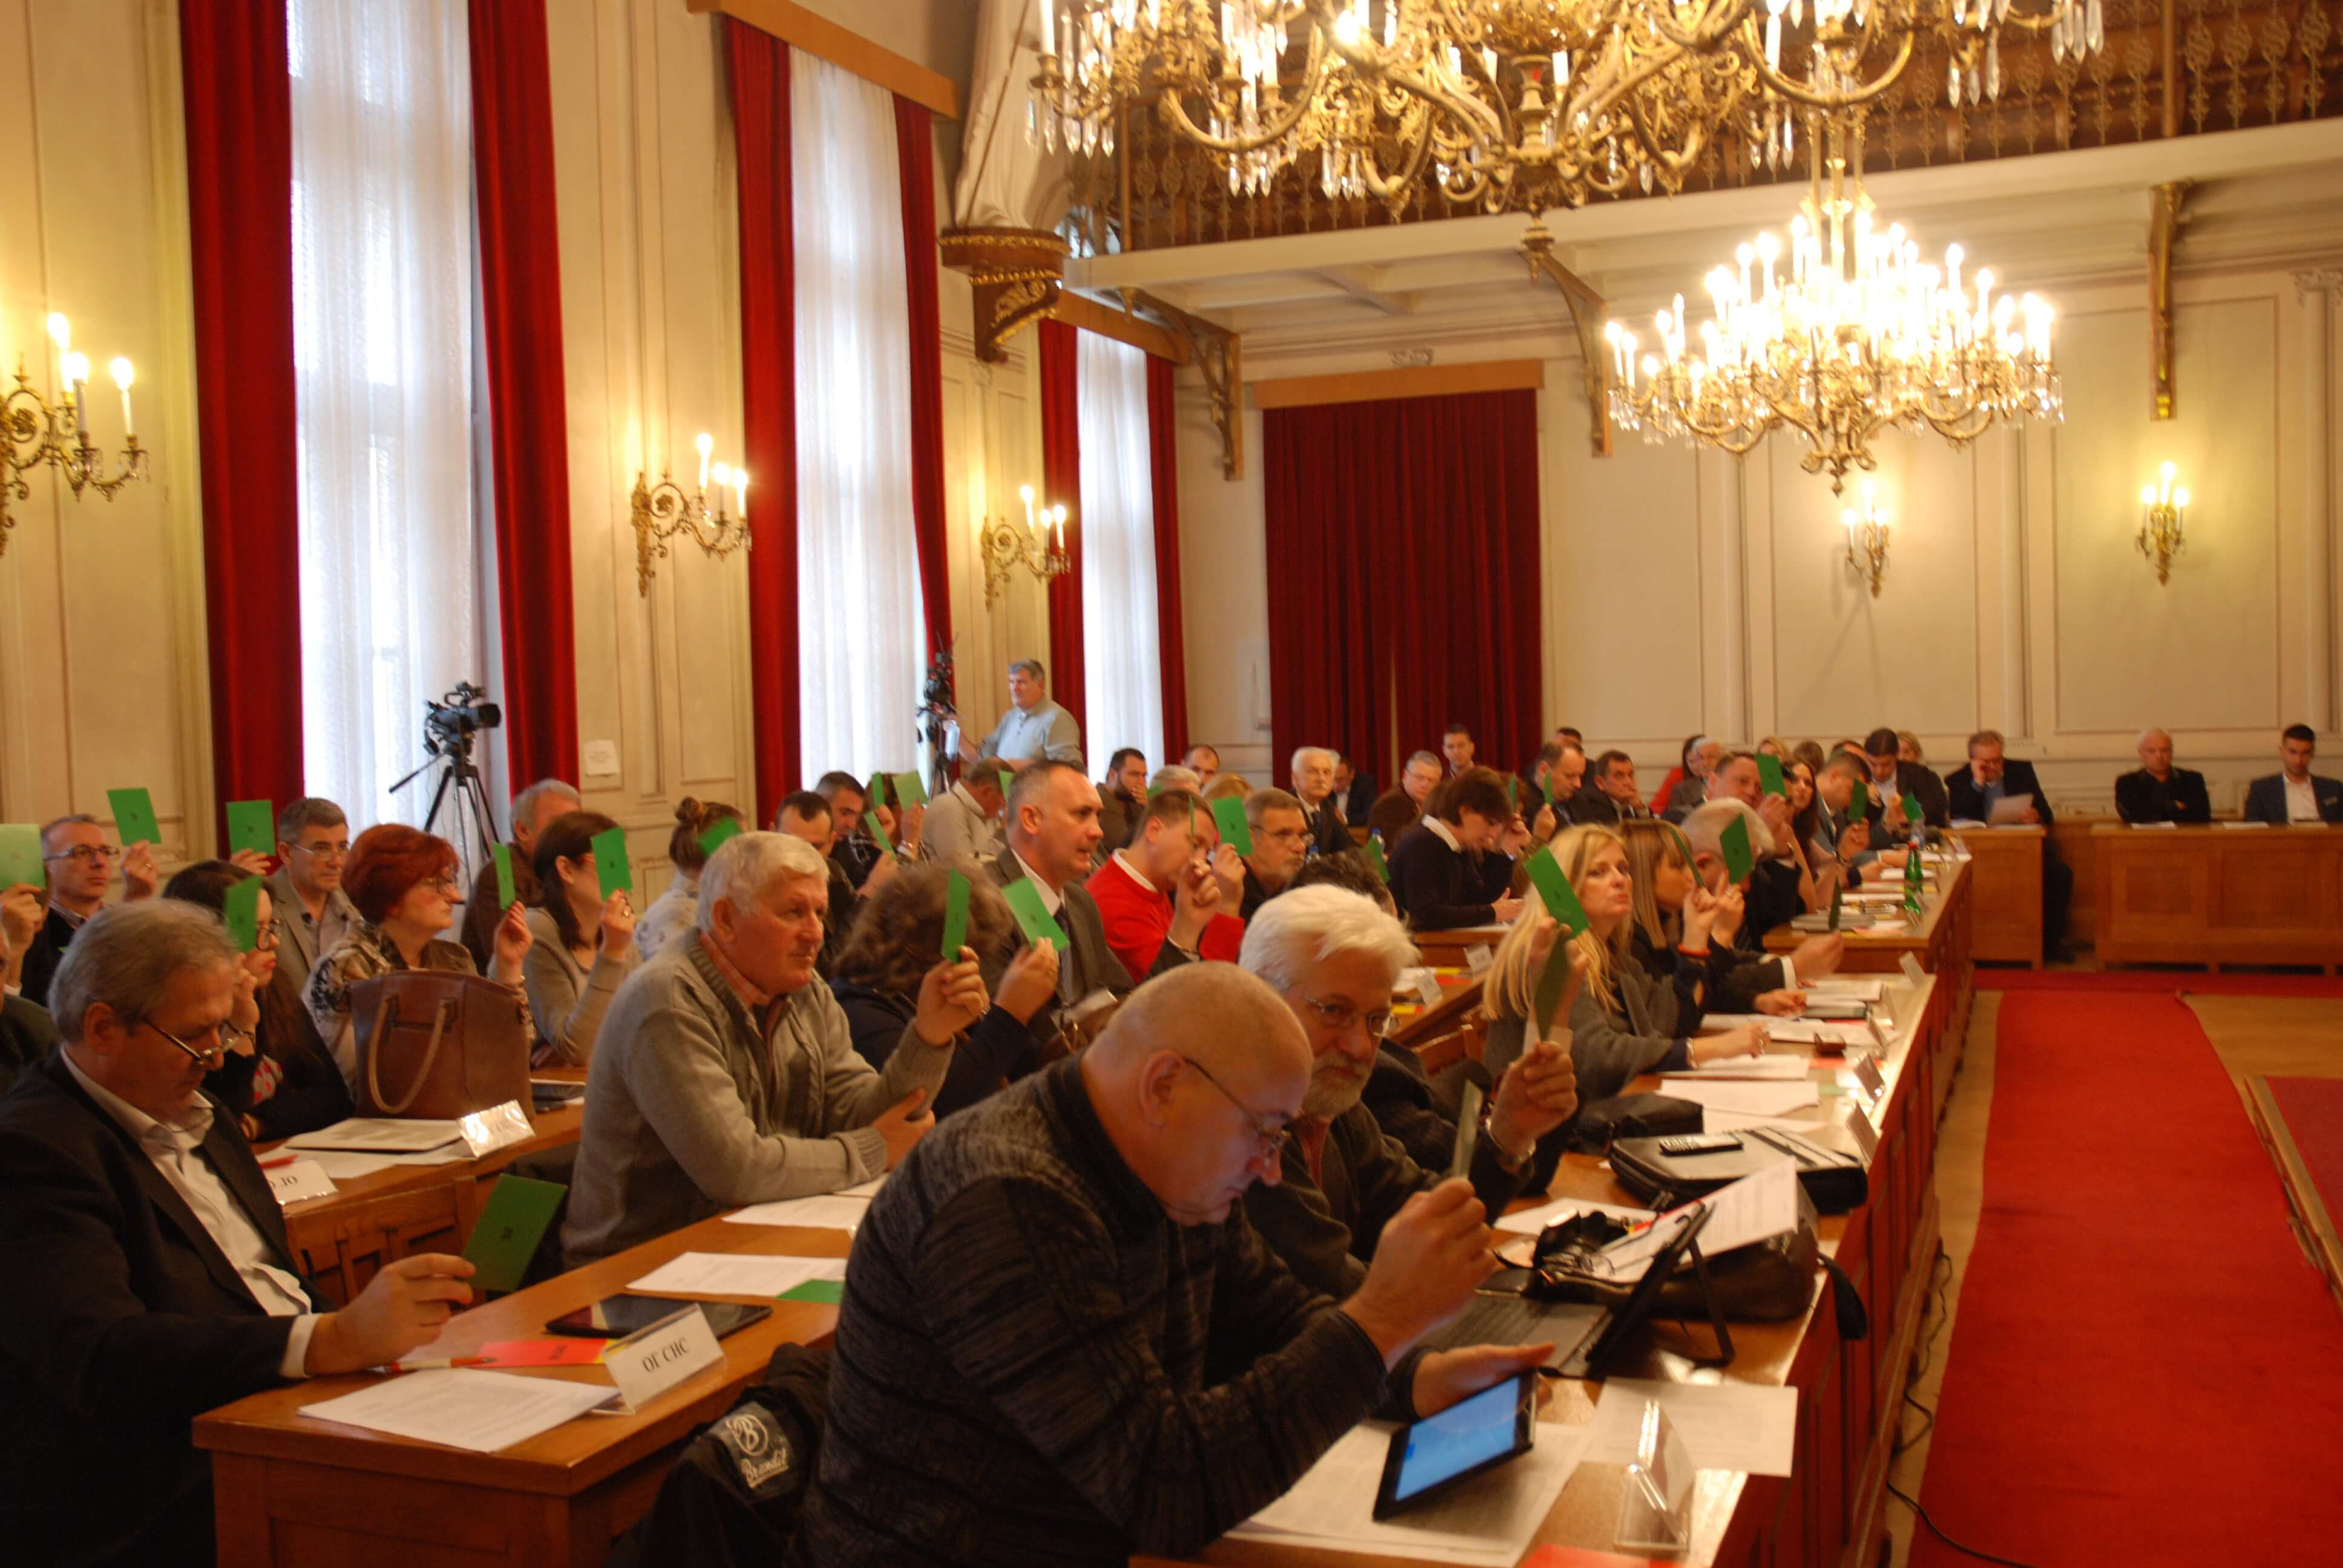 Заседање 29. седнице скупштине града Сомбора